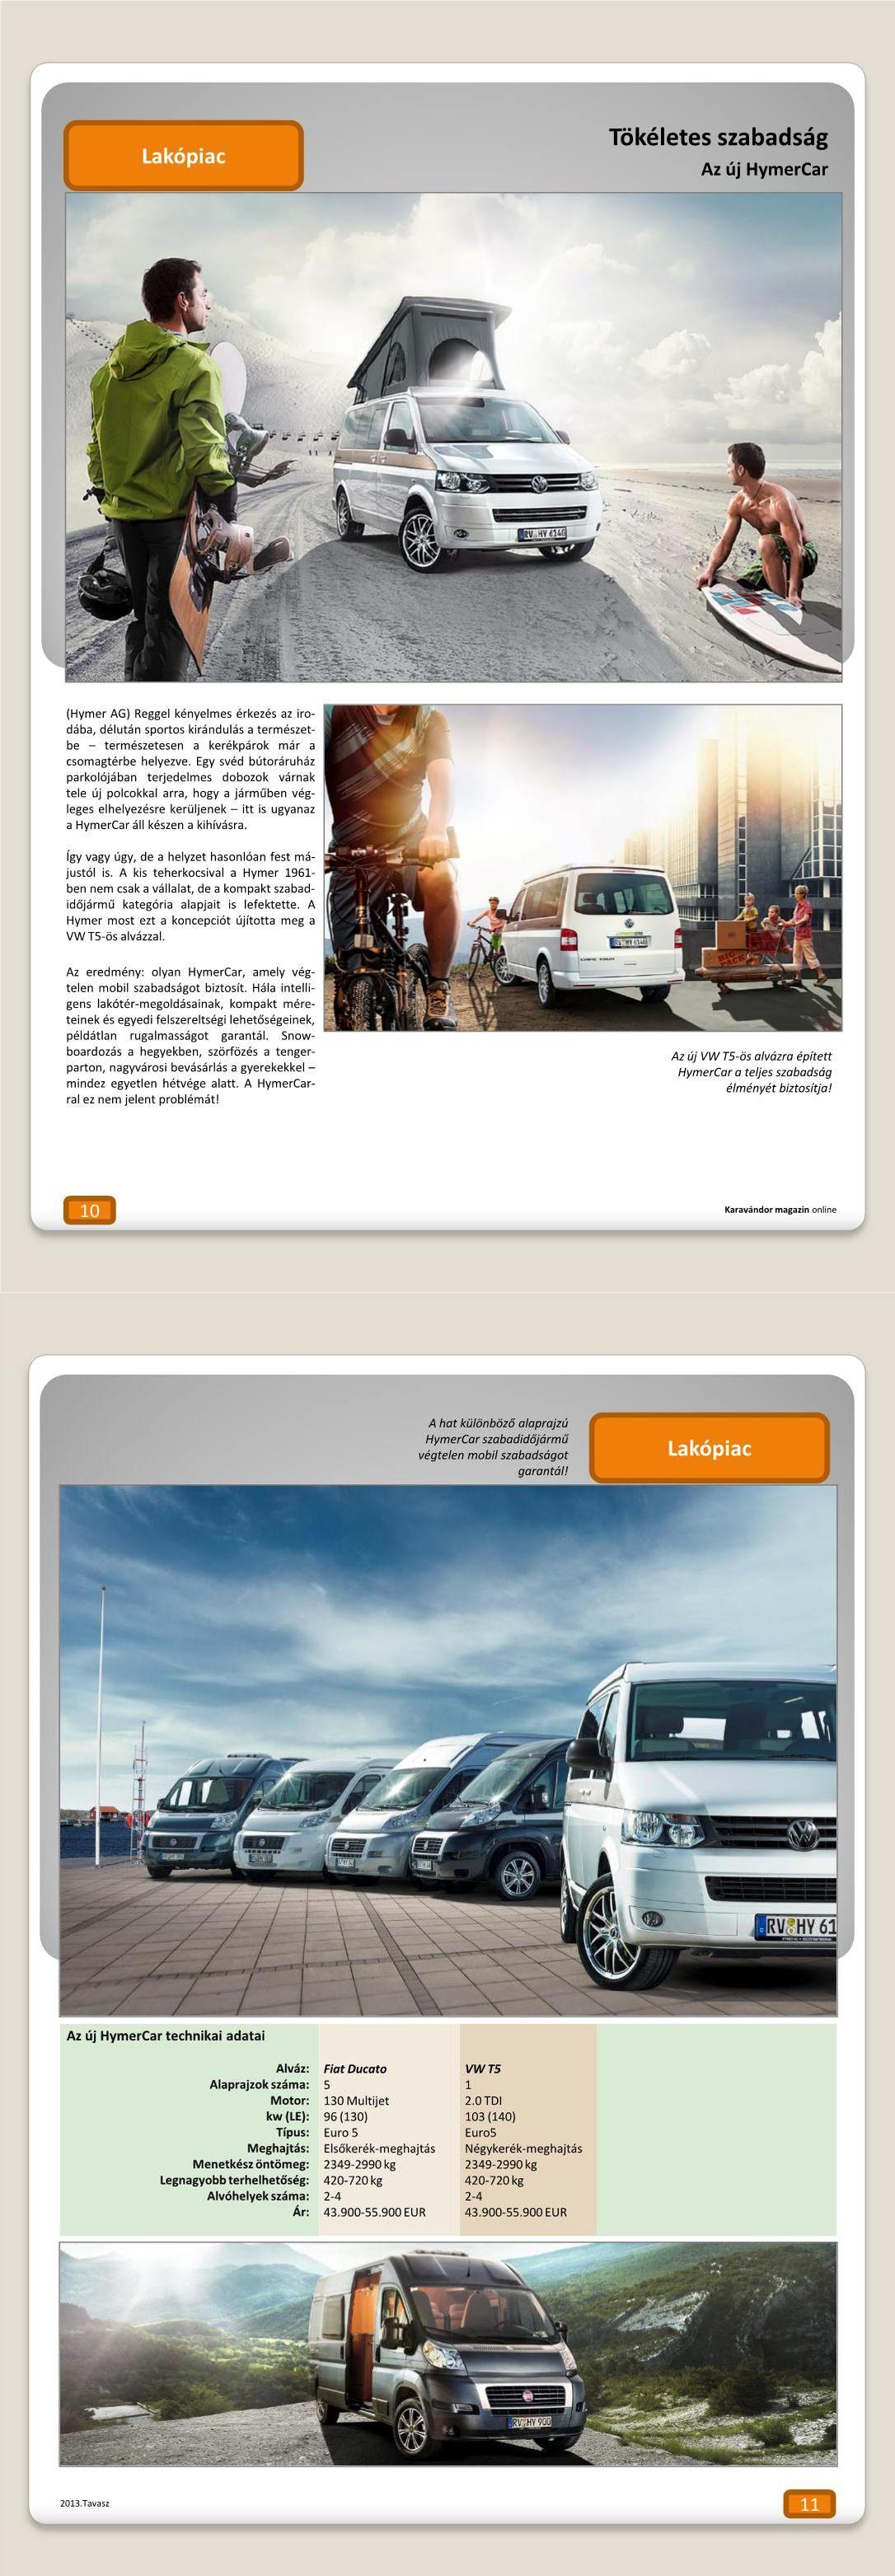 Lakópiac - Tökéletes szabadság: Az új Hymer Car